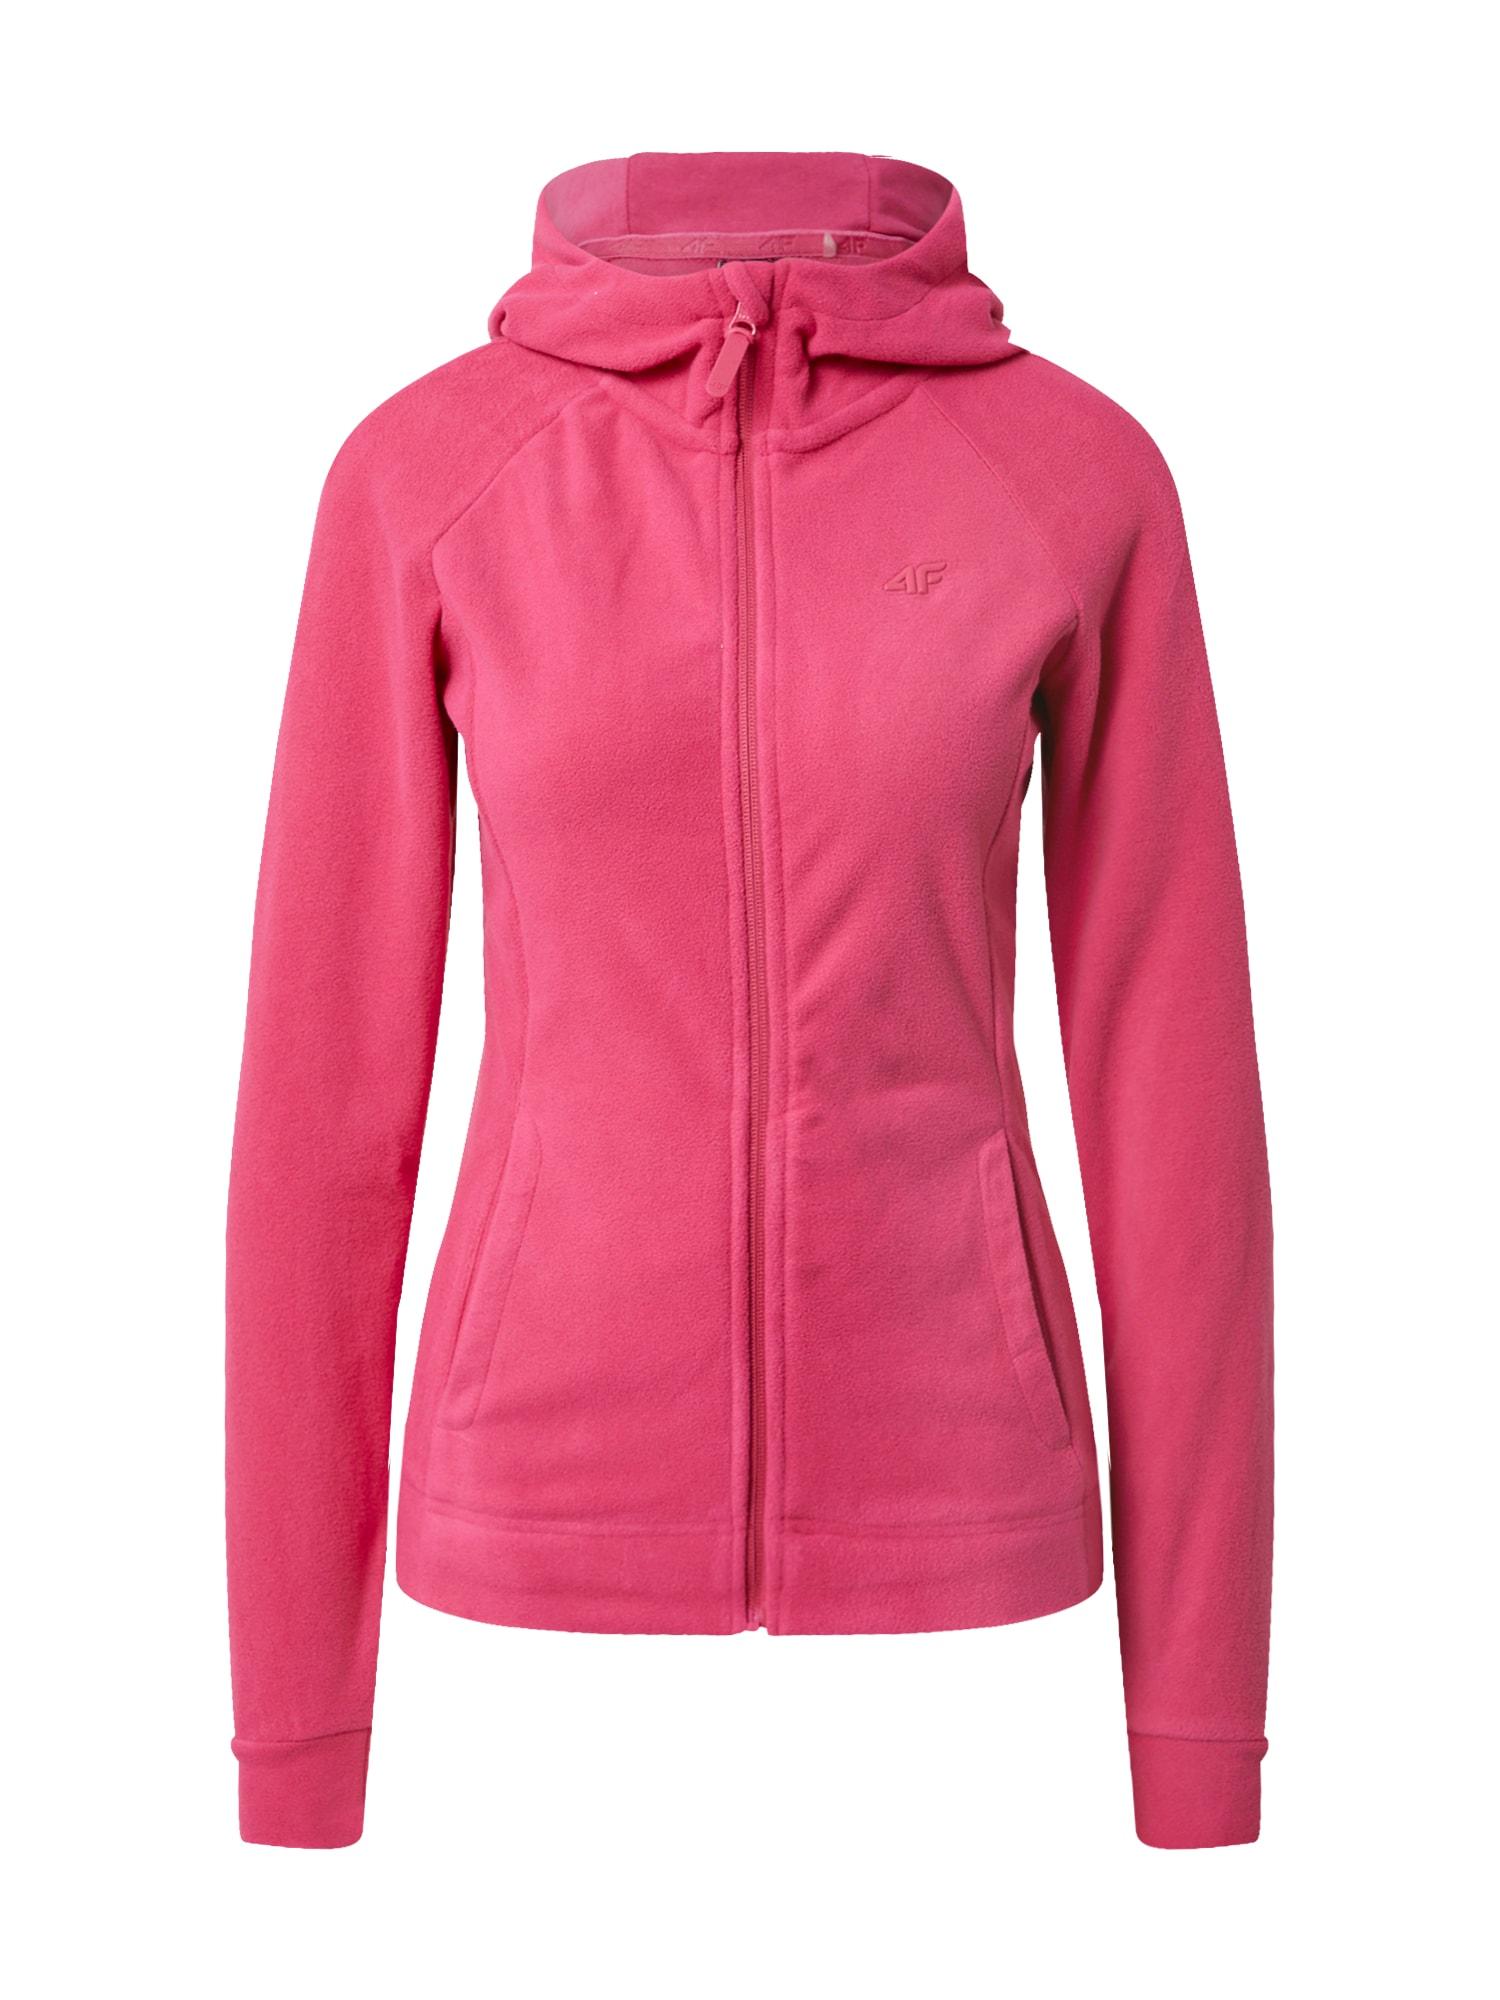 4F Funkcinis flisinis džemperis rožinė